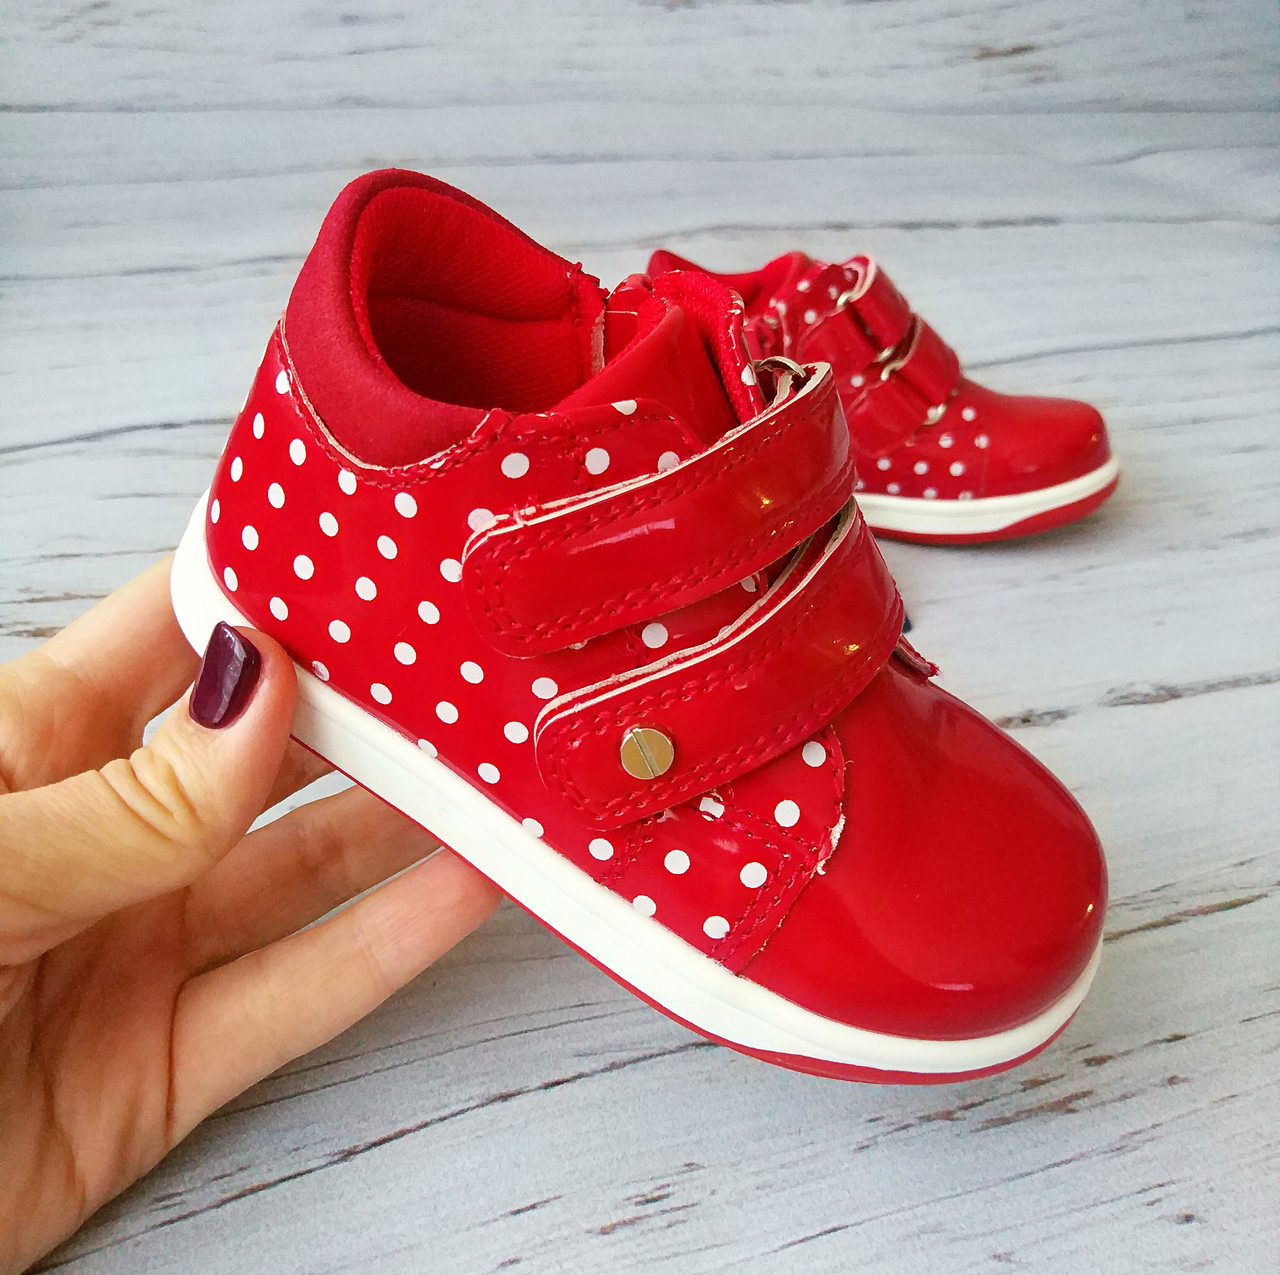 Ботинки для девочек, красные 23р. по стельке 14,0 см